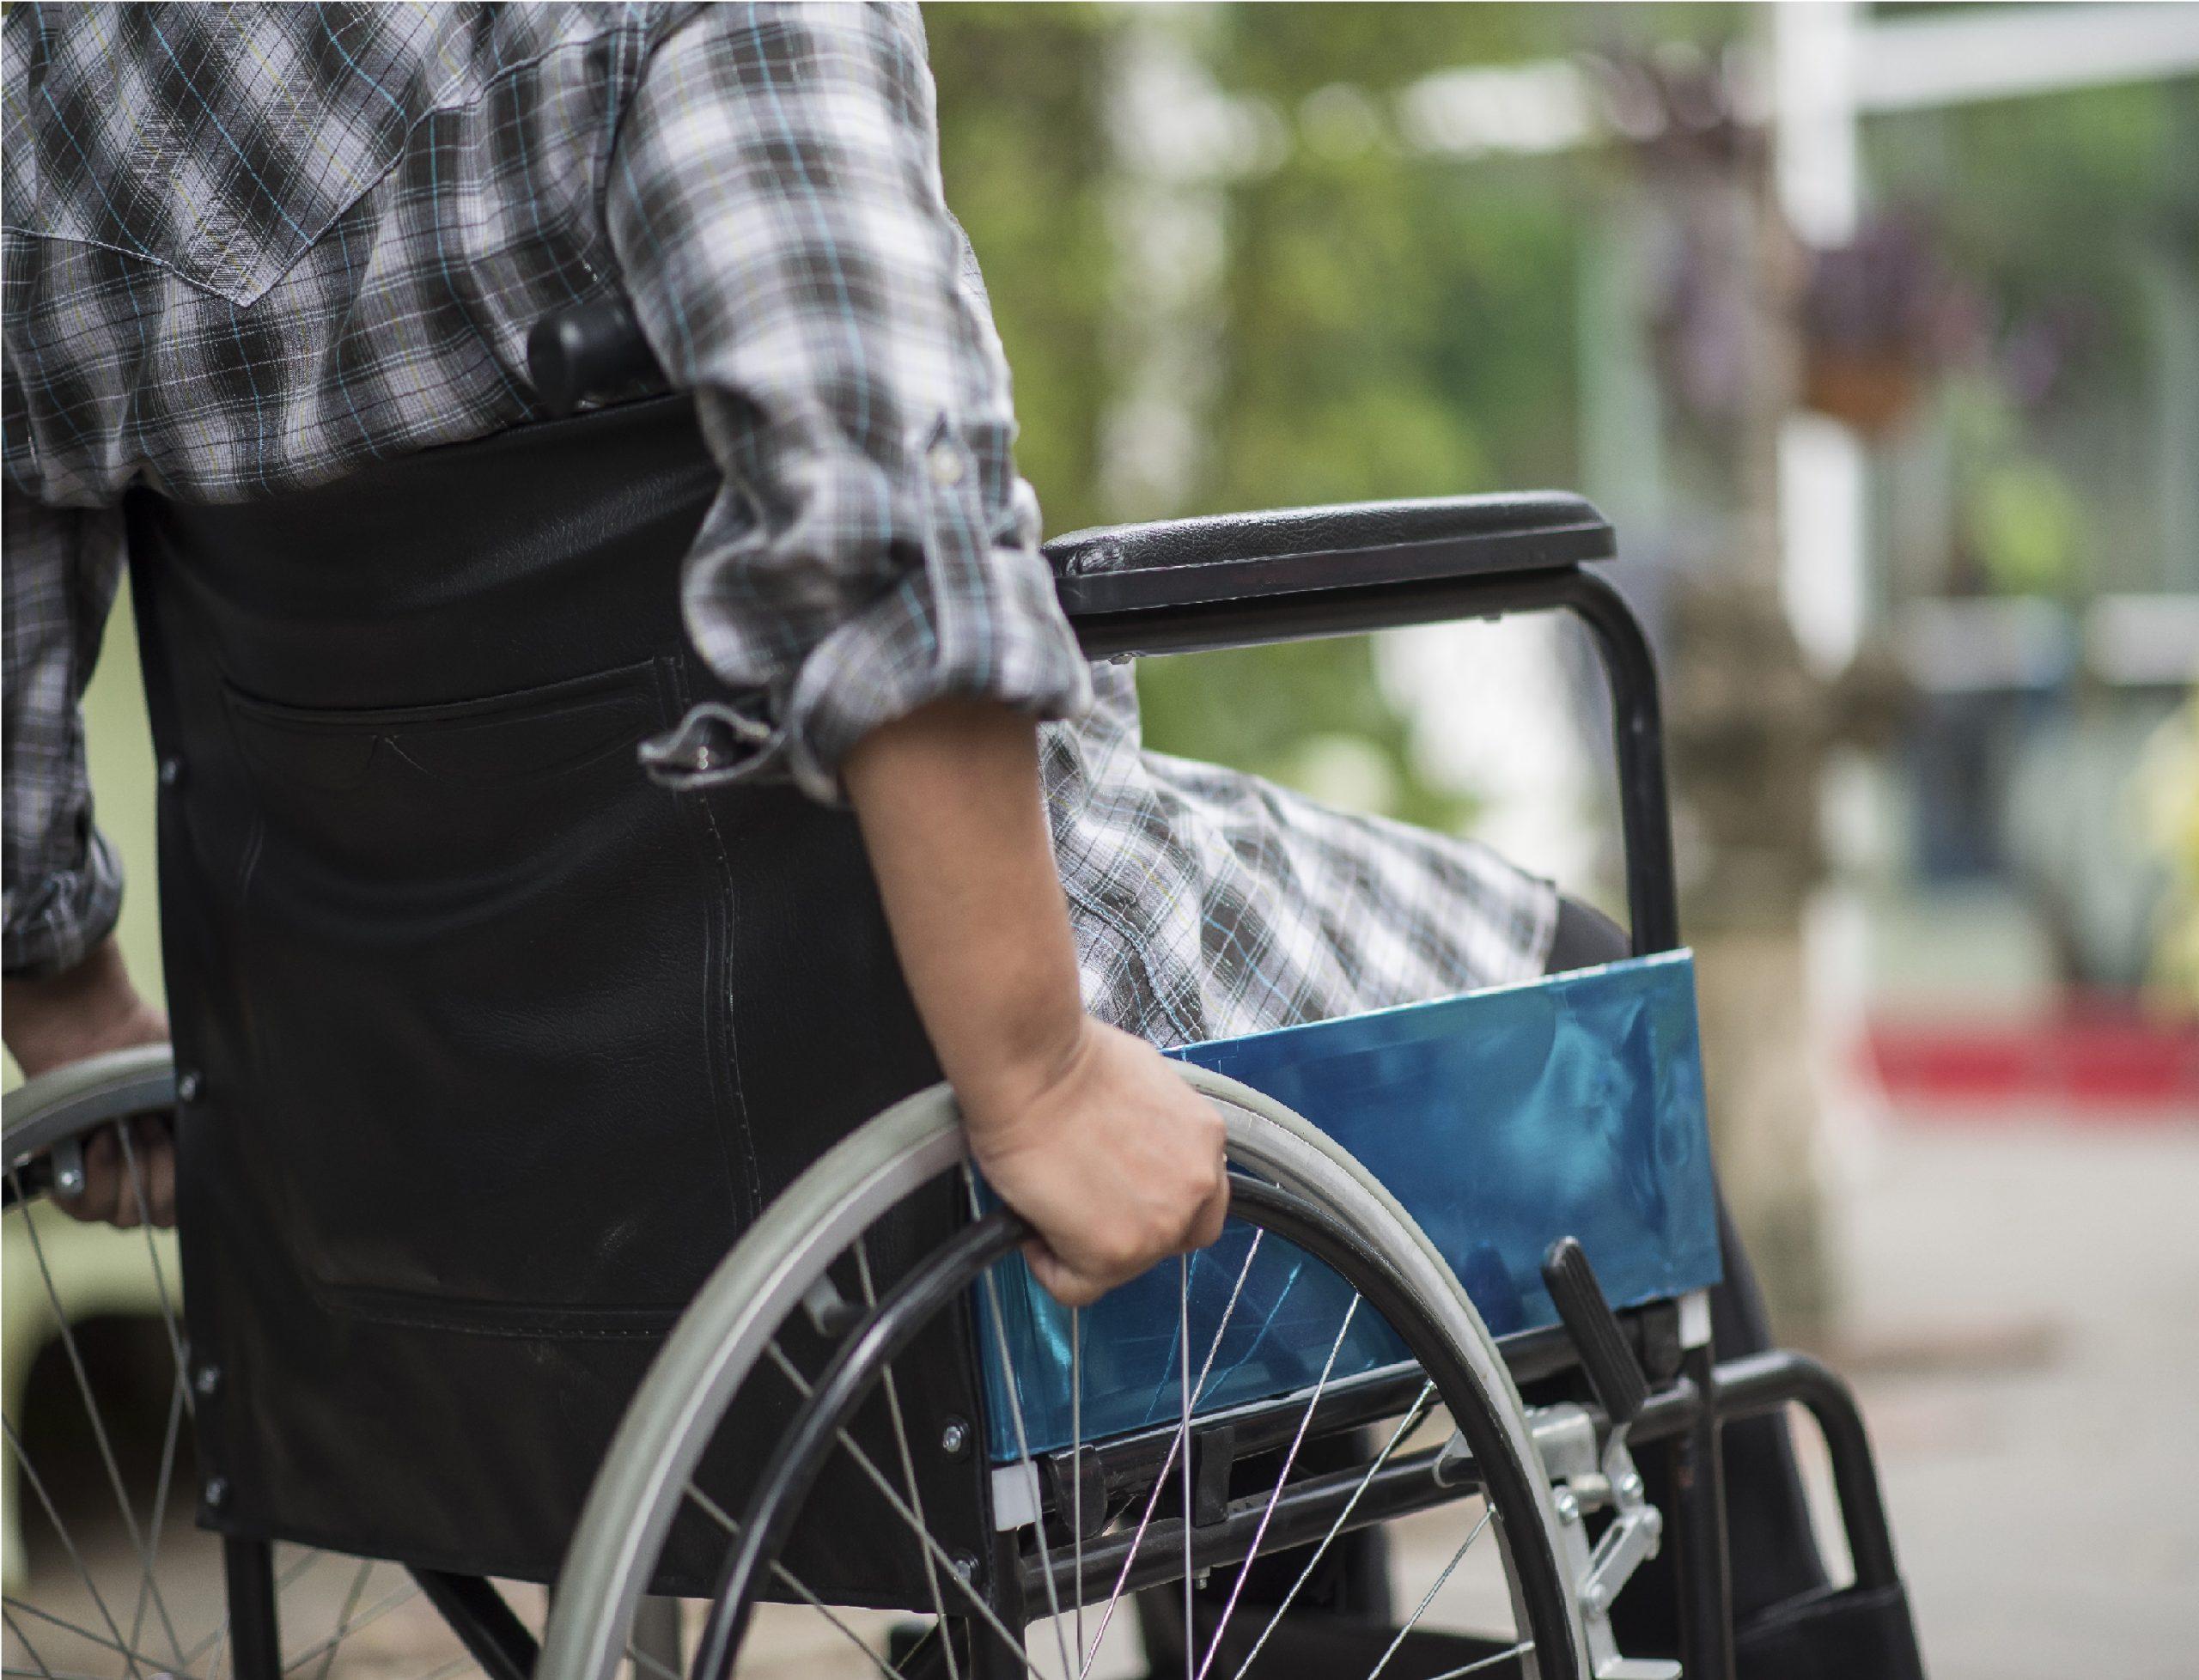 Cadeira 2 scaled - Acréscimo de 25% na aposentadoria por invalidez? Aprenda a fazer o requerimento